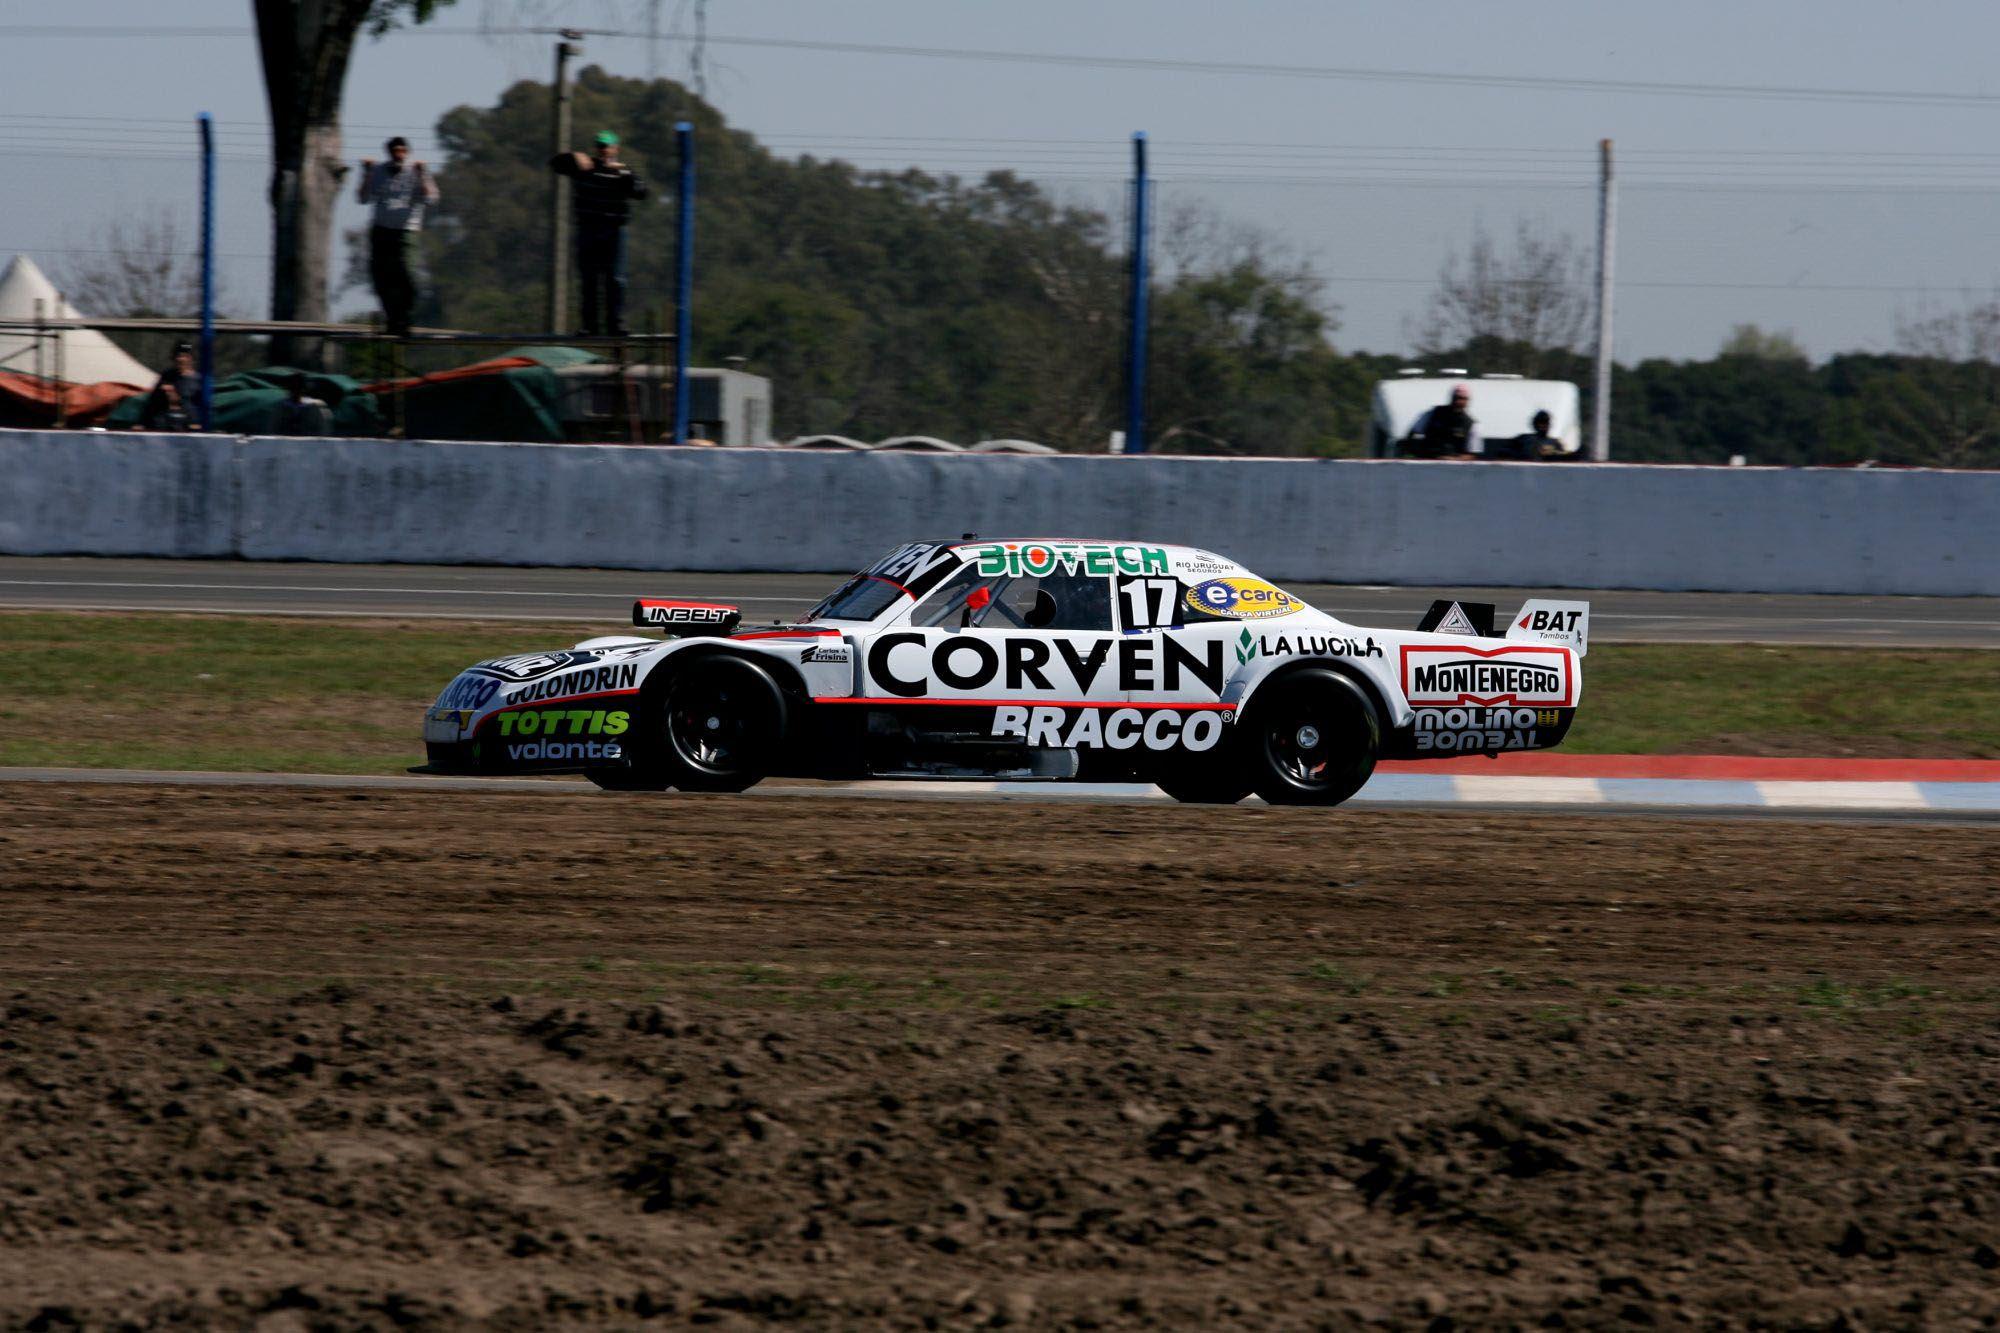 La Dodge del pilotos de Carreras anduvo rapidísima en un dibujo que la favorece. Angelini precisa sumar puntos gordos para asegurar su lugar en la Copa de Oro.